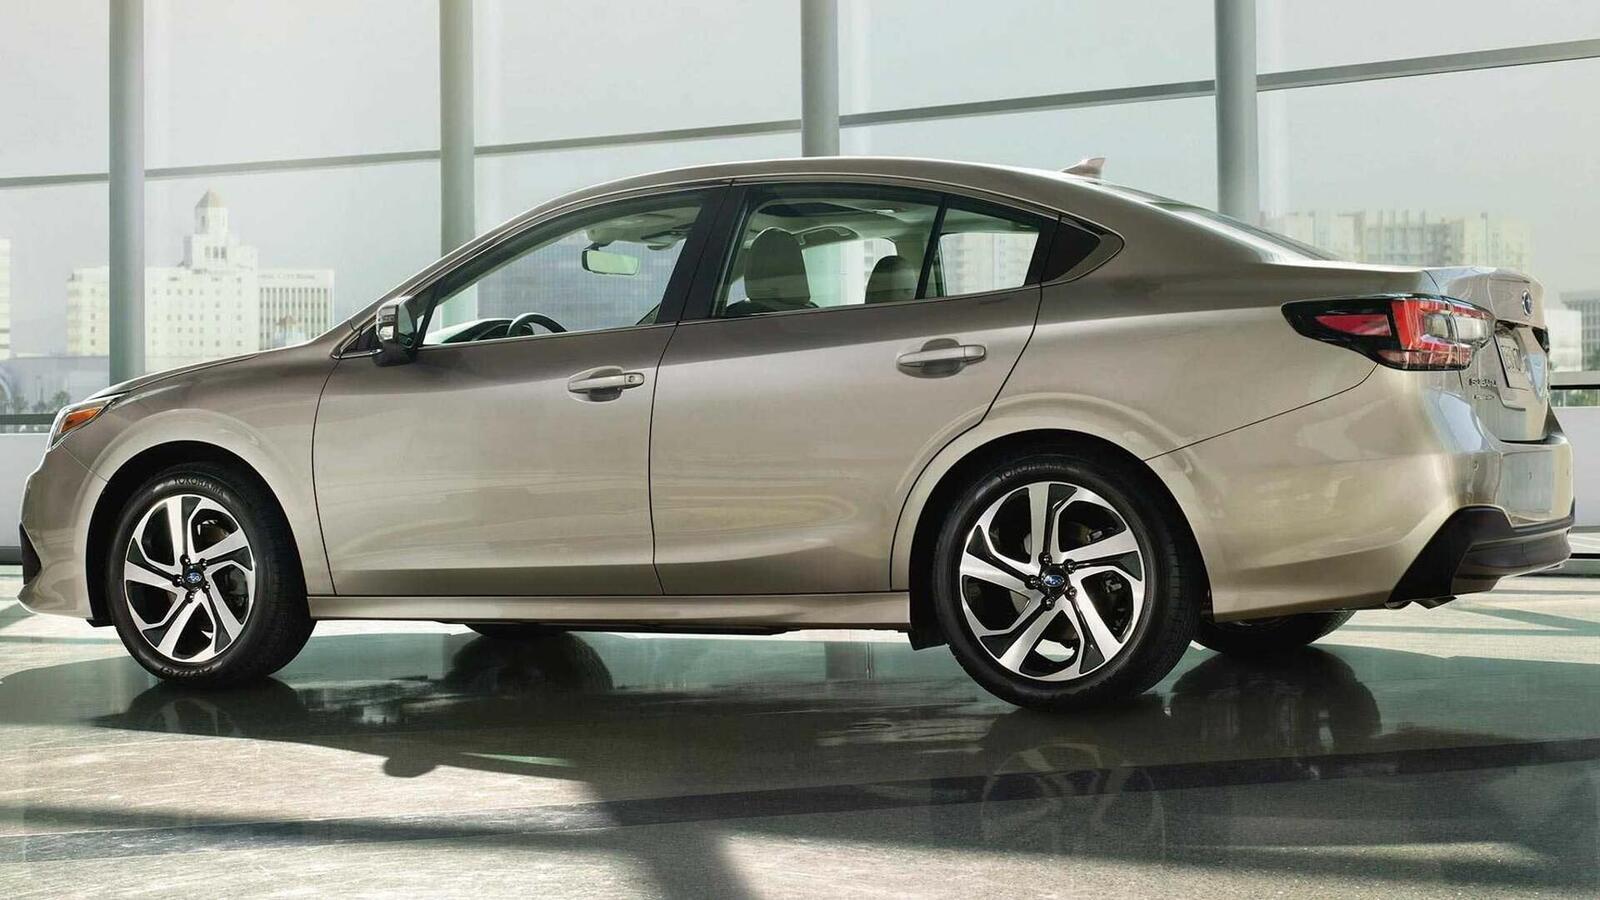 Subaru Legacy thế hệ mới ra mắt; đổi mới thiết kế; có thêm động cơ 2.5L tăng áp - Hình 3